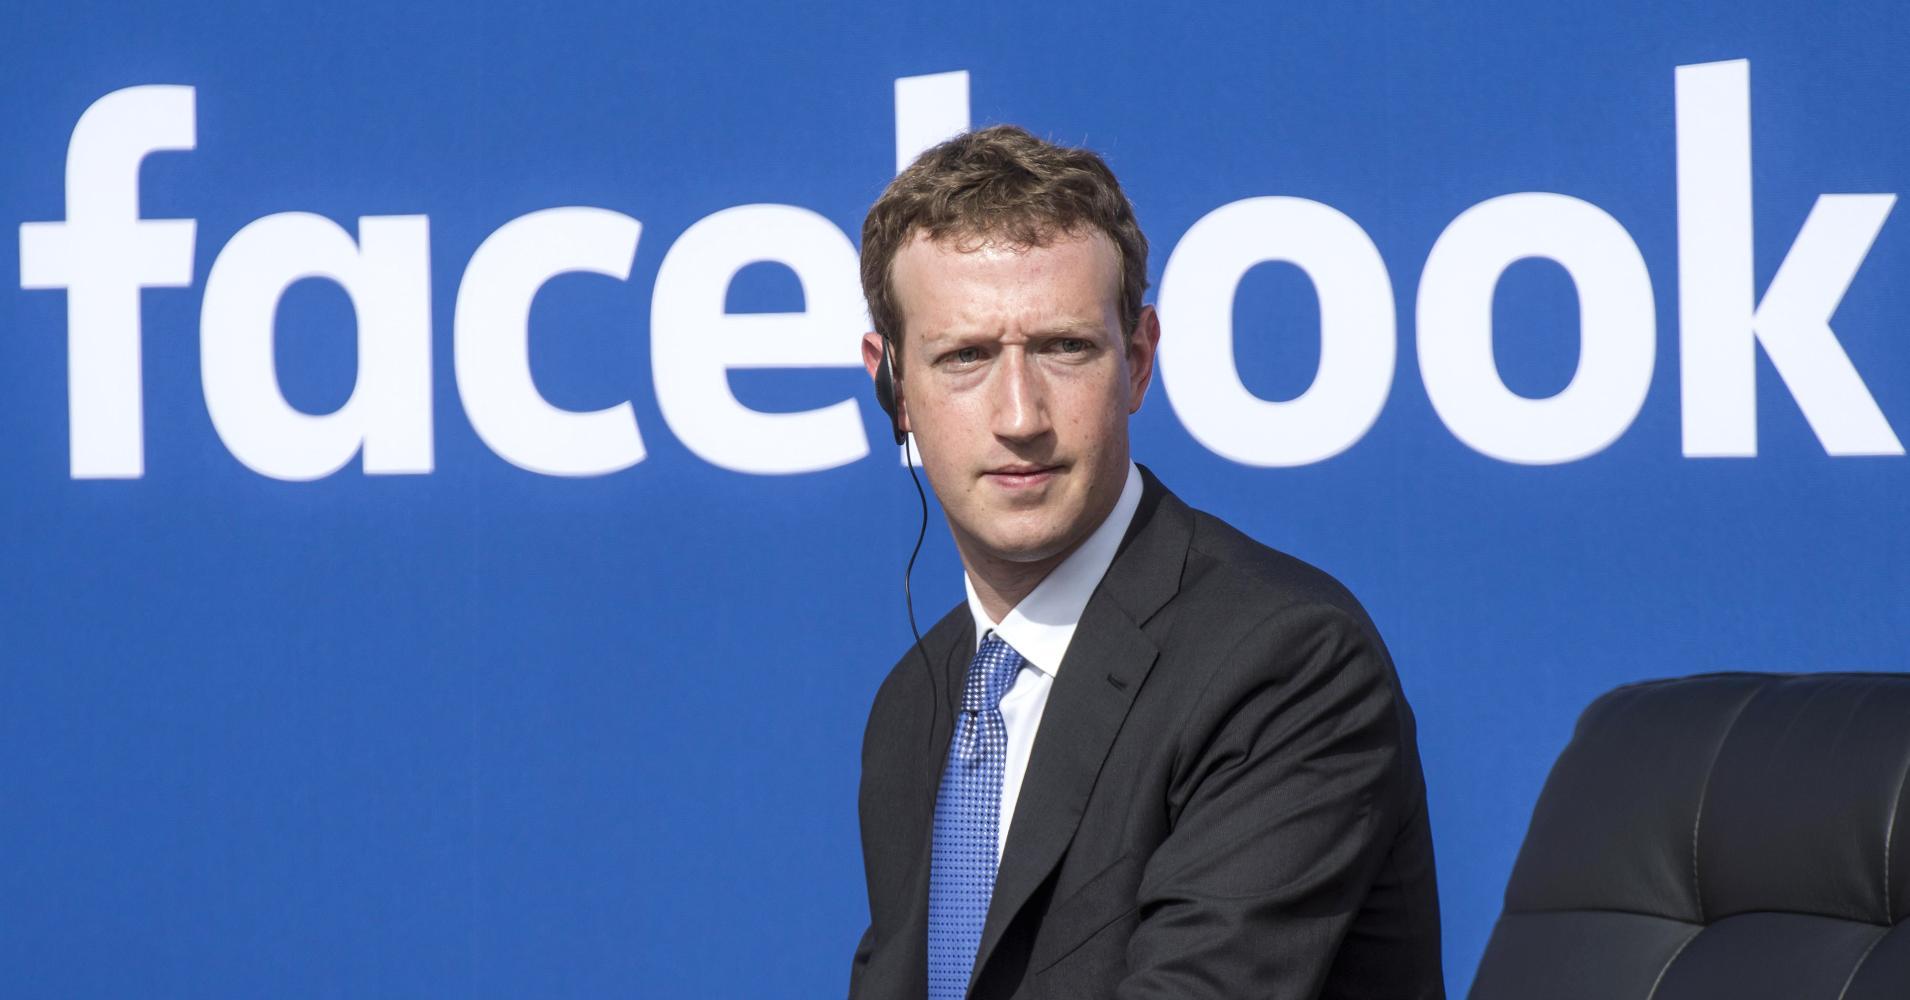 Цукерберг считает, что Facebook лучше подготовлен к борьбе с вмешательством в выборы, чем два года назад